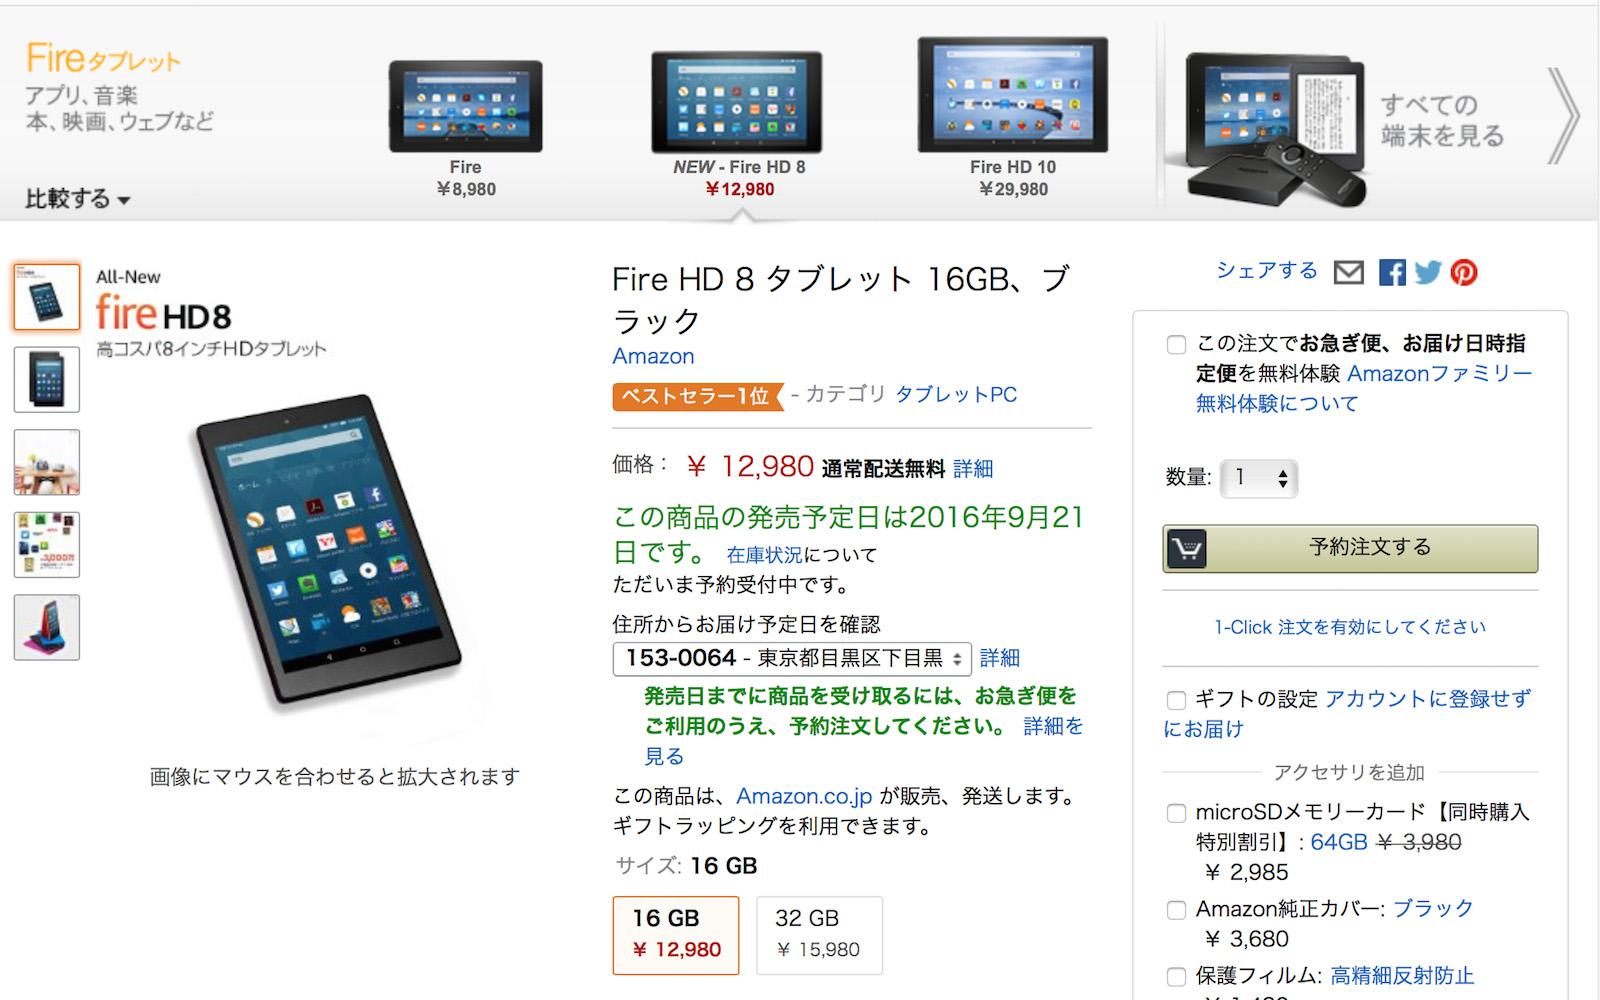 Amazon FIre HD 8 予約受け付け